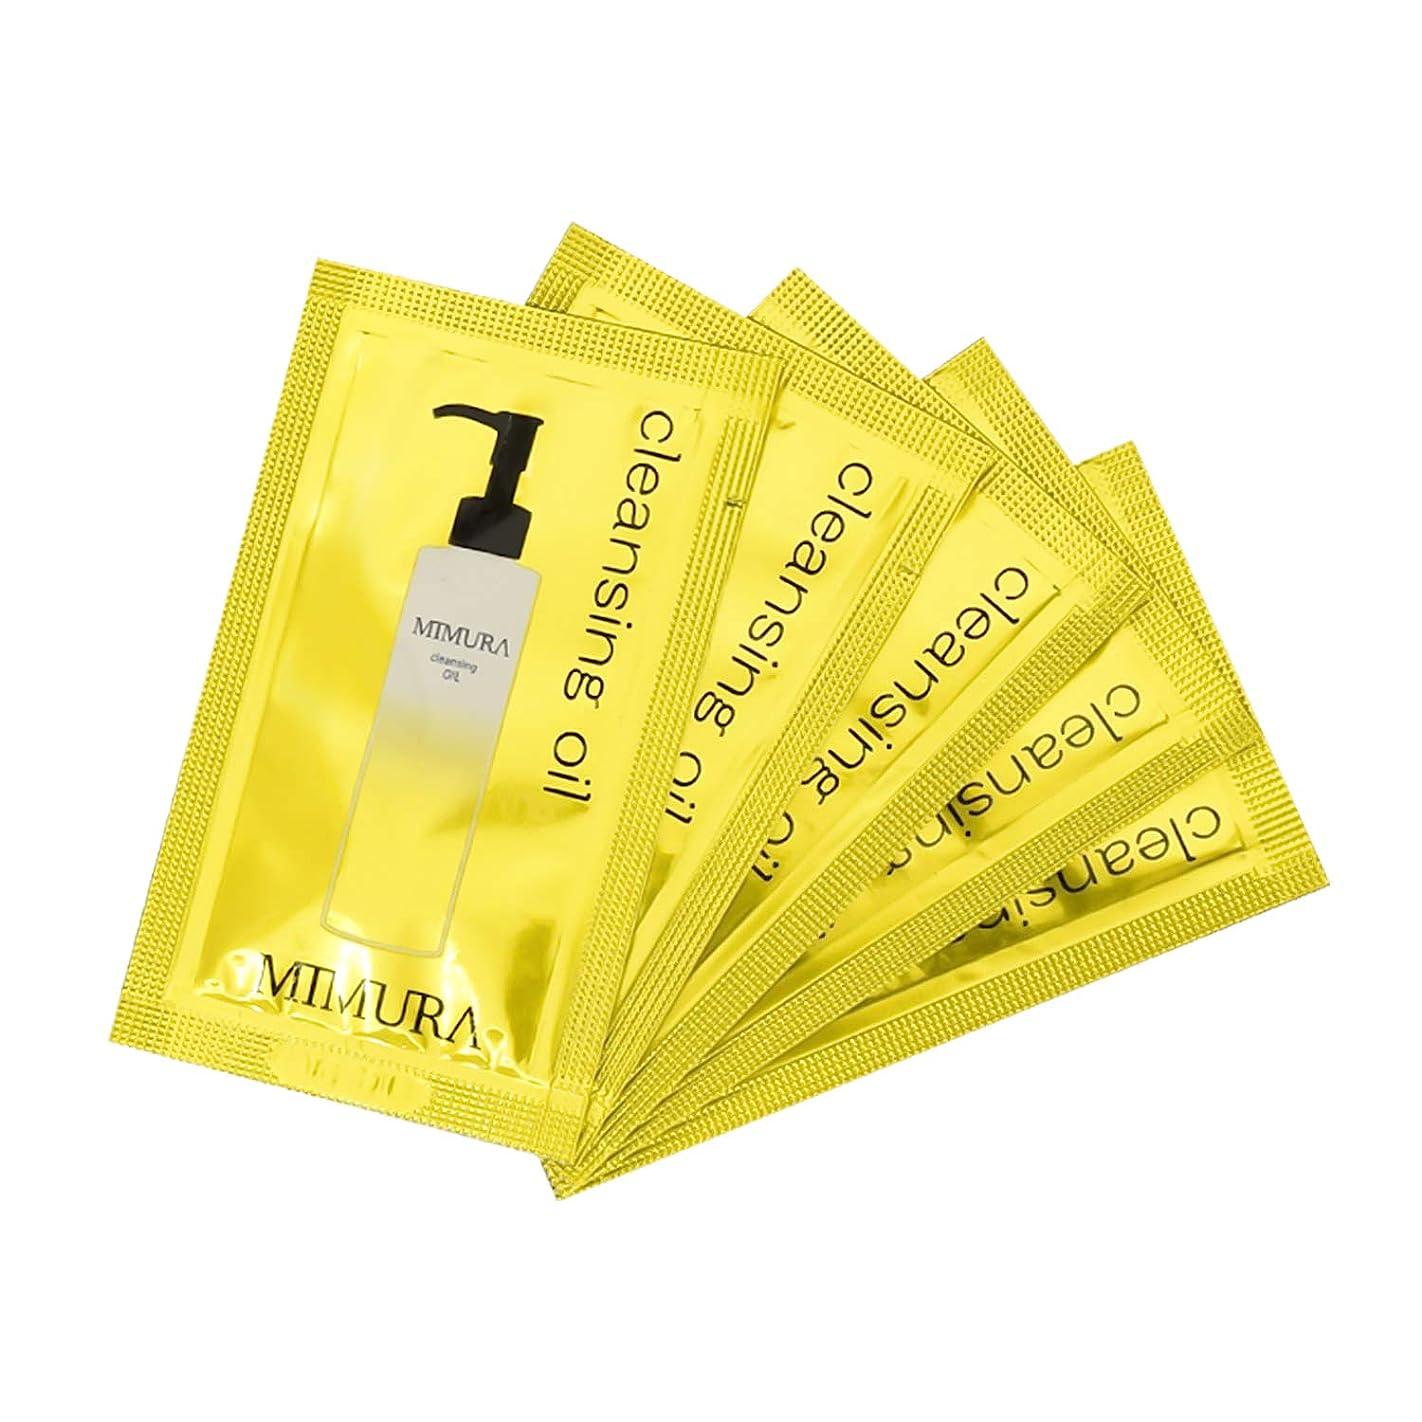 トレーニングアーサーコナンドイルブリードマツエクOK w洗顔不要 お風呂で使える 6つの植物オイル ミムラ クレンジングオイル 試供品5個入り ゆうパケット(ポスト投函)での発送となります。日本製 ※おひとり様1点までとなります。